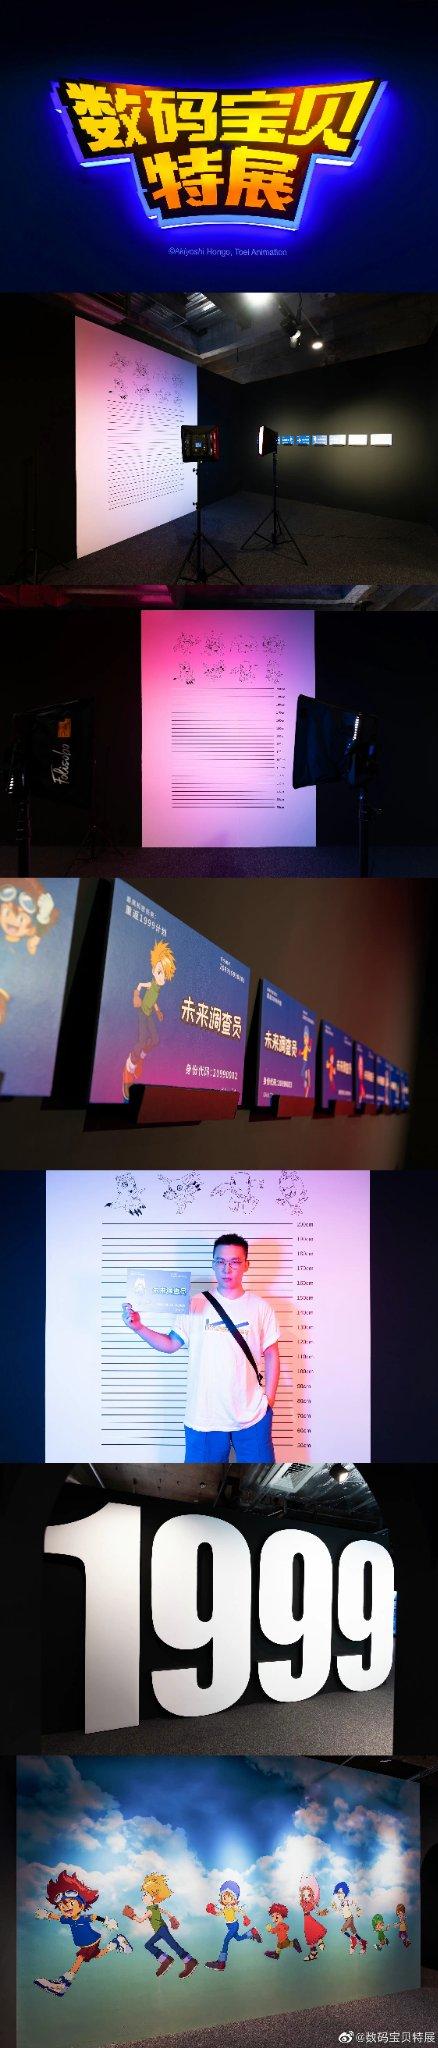 chineseexhibition01_september25_2021.jpg